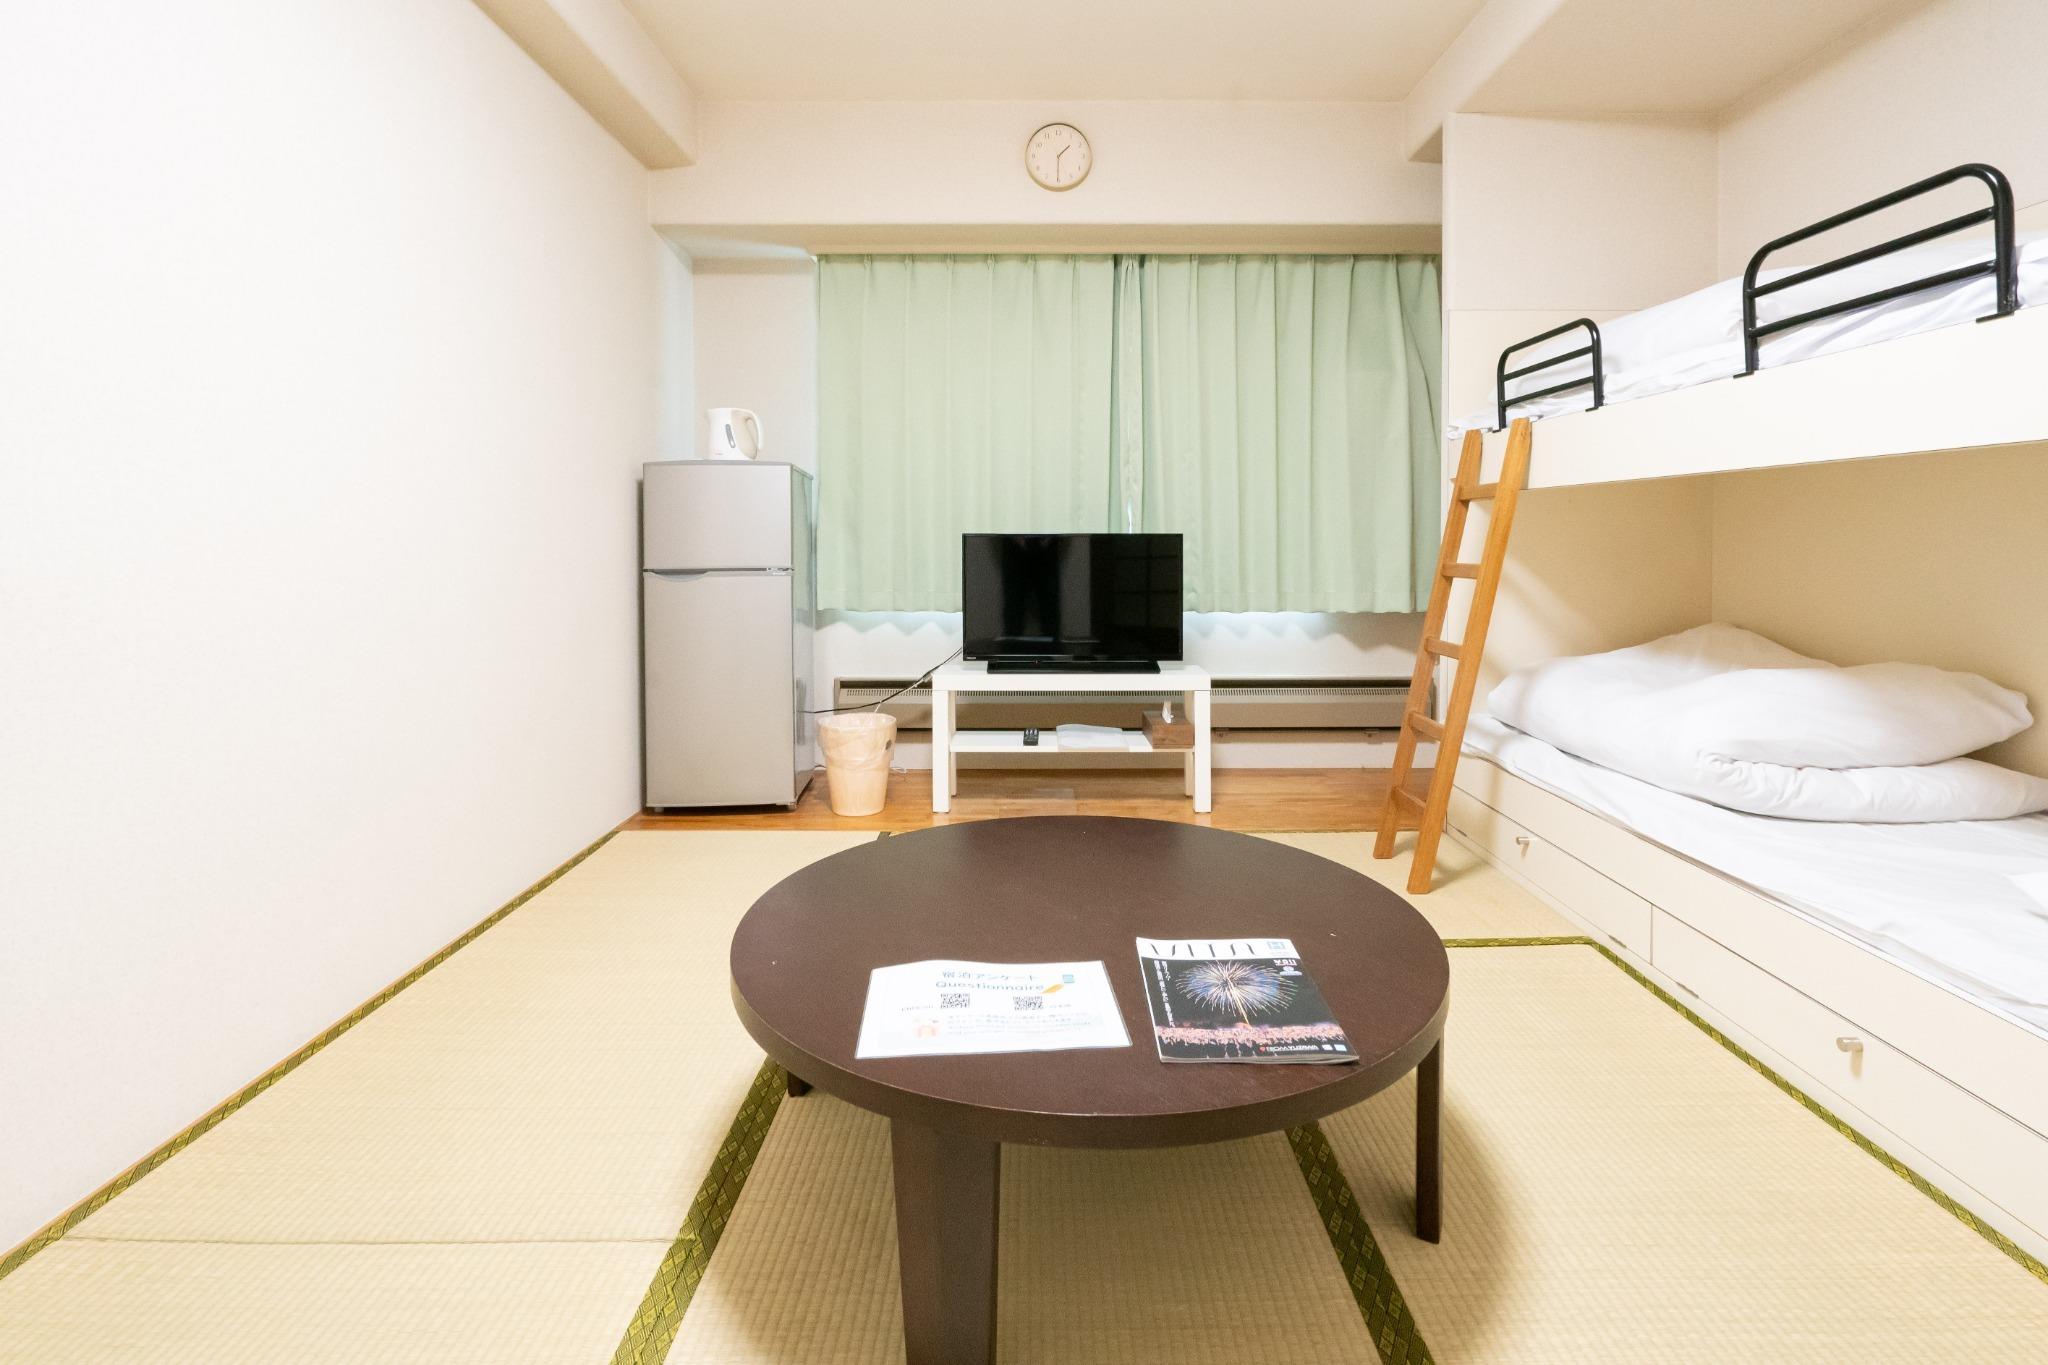 【値下げSALE中】温泉有・Wi-Fi完備・リゾートマンションでごゆっくり【807号室・4名】